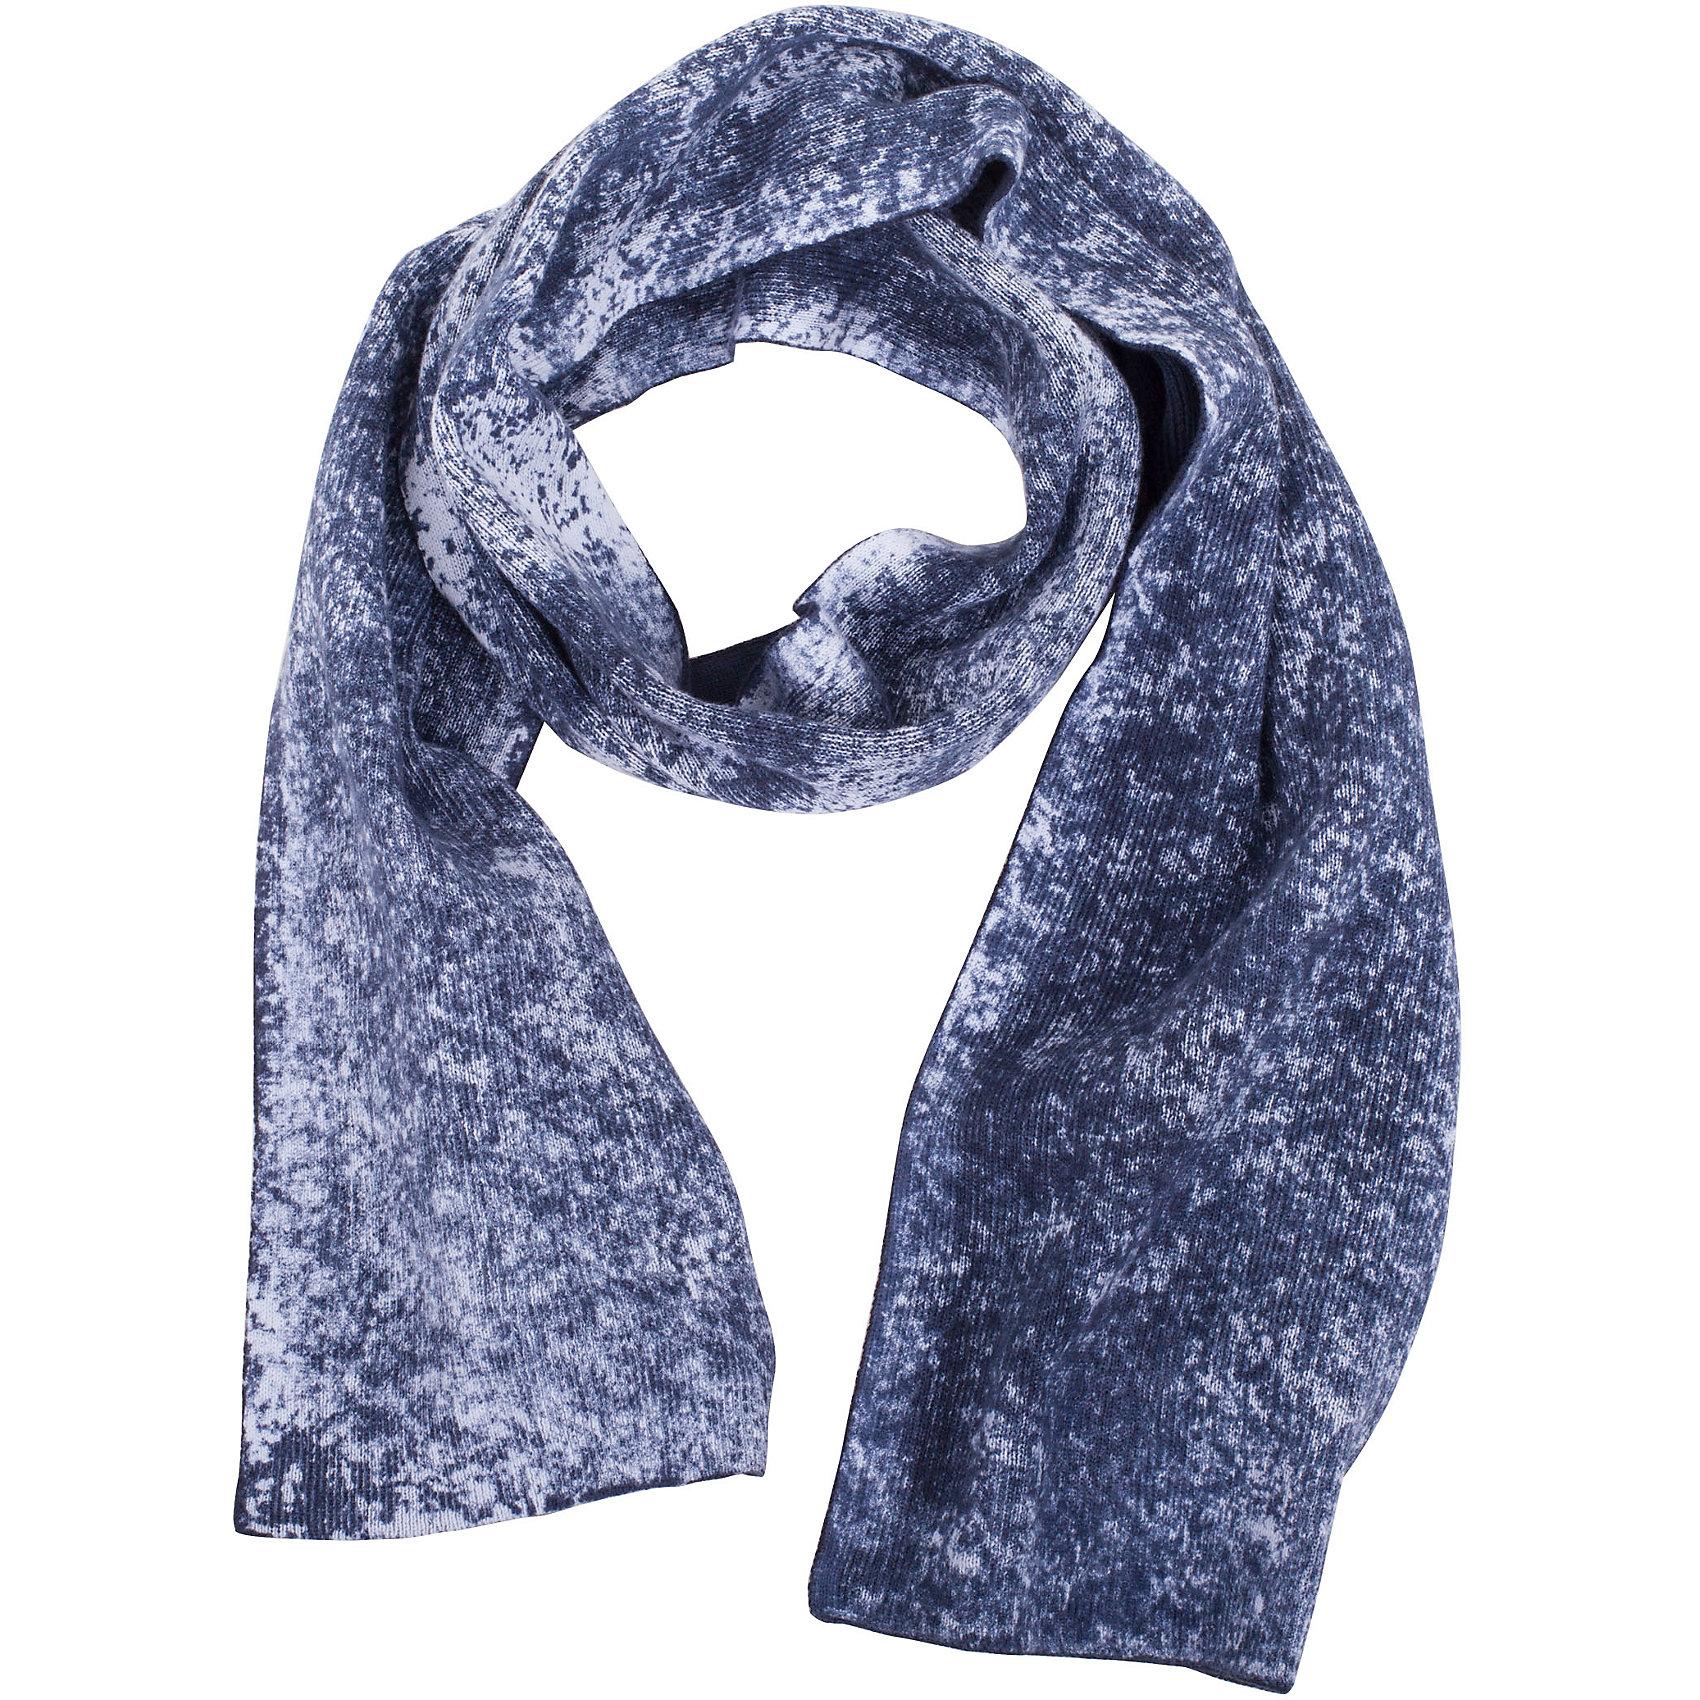 Шарф для мальчика GulliverСтильный вязаный шарф - важный элемент повседневного образа. Он защитит юного модника от весенней прохлады, а также придаст образу завершенность. Вы решили купить необычный вязаный шарф для мальчика? Красивый синий шарф с модным типом крашения, имитирующим эффект изделия, выгоревшего на солнце - прекрасный выбор!<br>Состав:<br>100% хлопок<br><br>Ширина мм: 88<br>Глубина мм: 155<br>Высота мм: 26<br>Вес г: 106<br>Цвет: синий<br>Возраст от месяцев: 24<br>Возраст до месяцев: 72<br>Пол: Мужской<br>Возраст: Детский<br>Размер: one size<br>SKU: 5483852